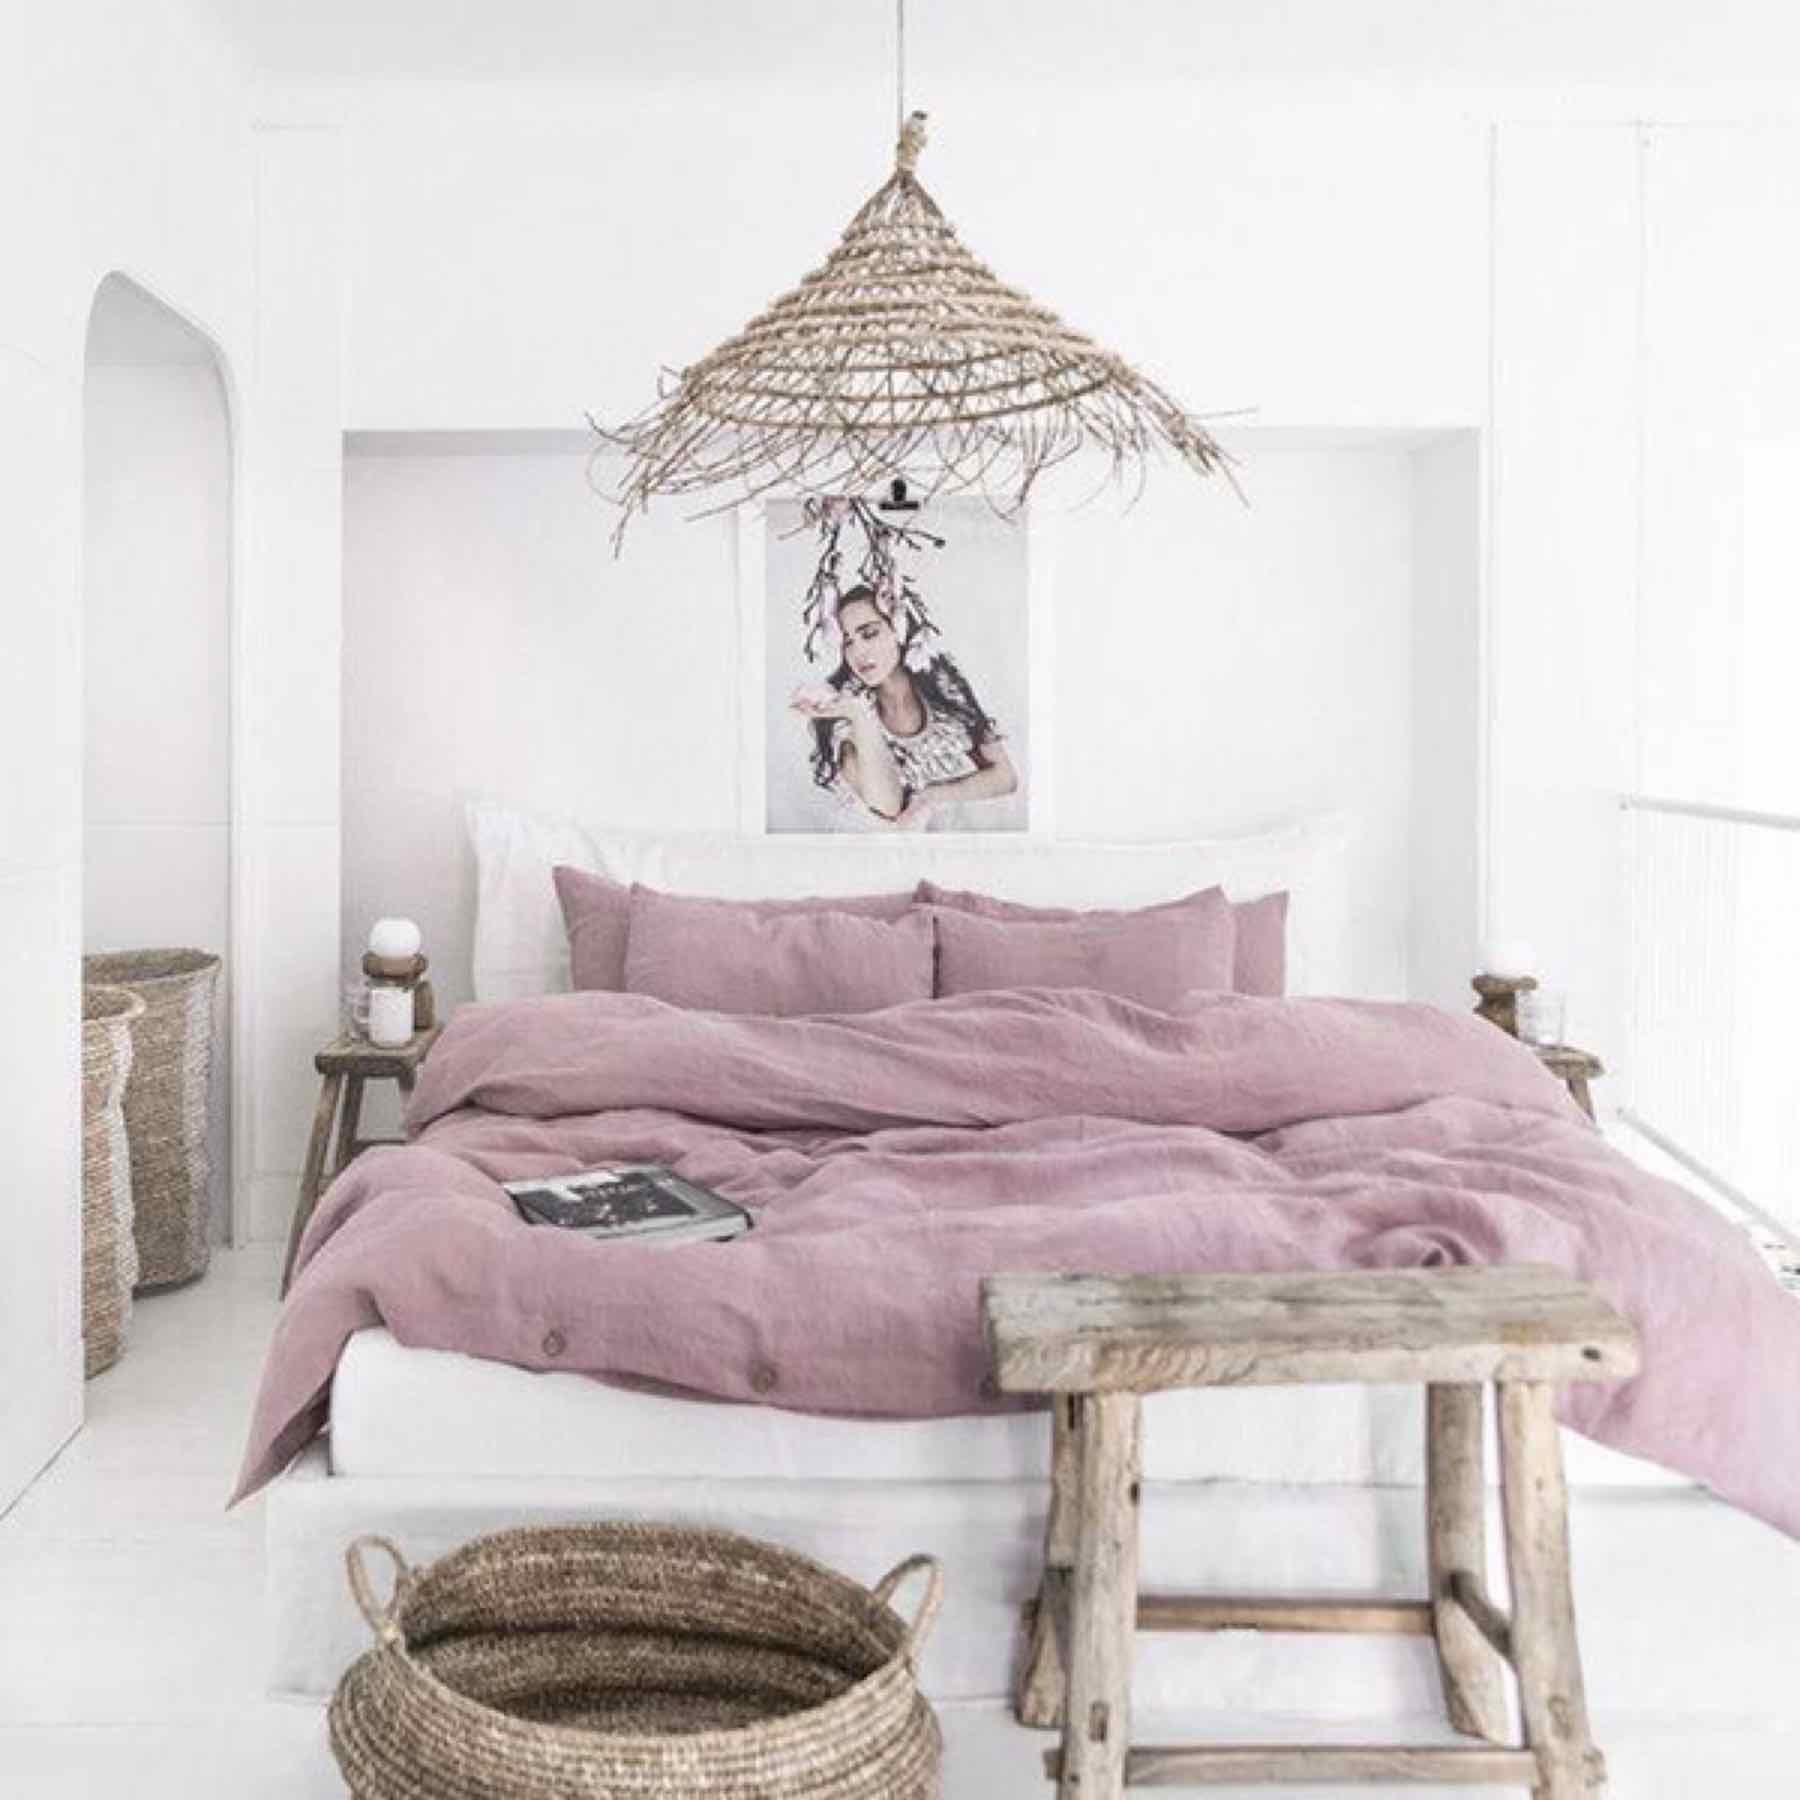 Một chiếc giường thích hợp